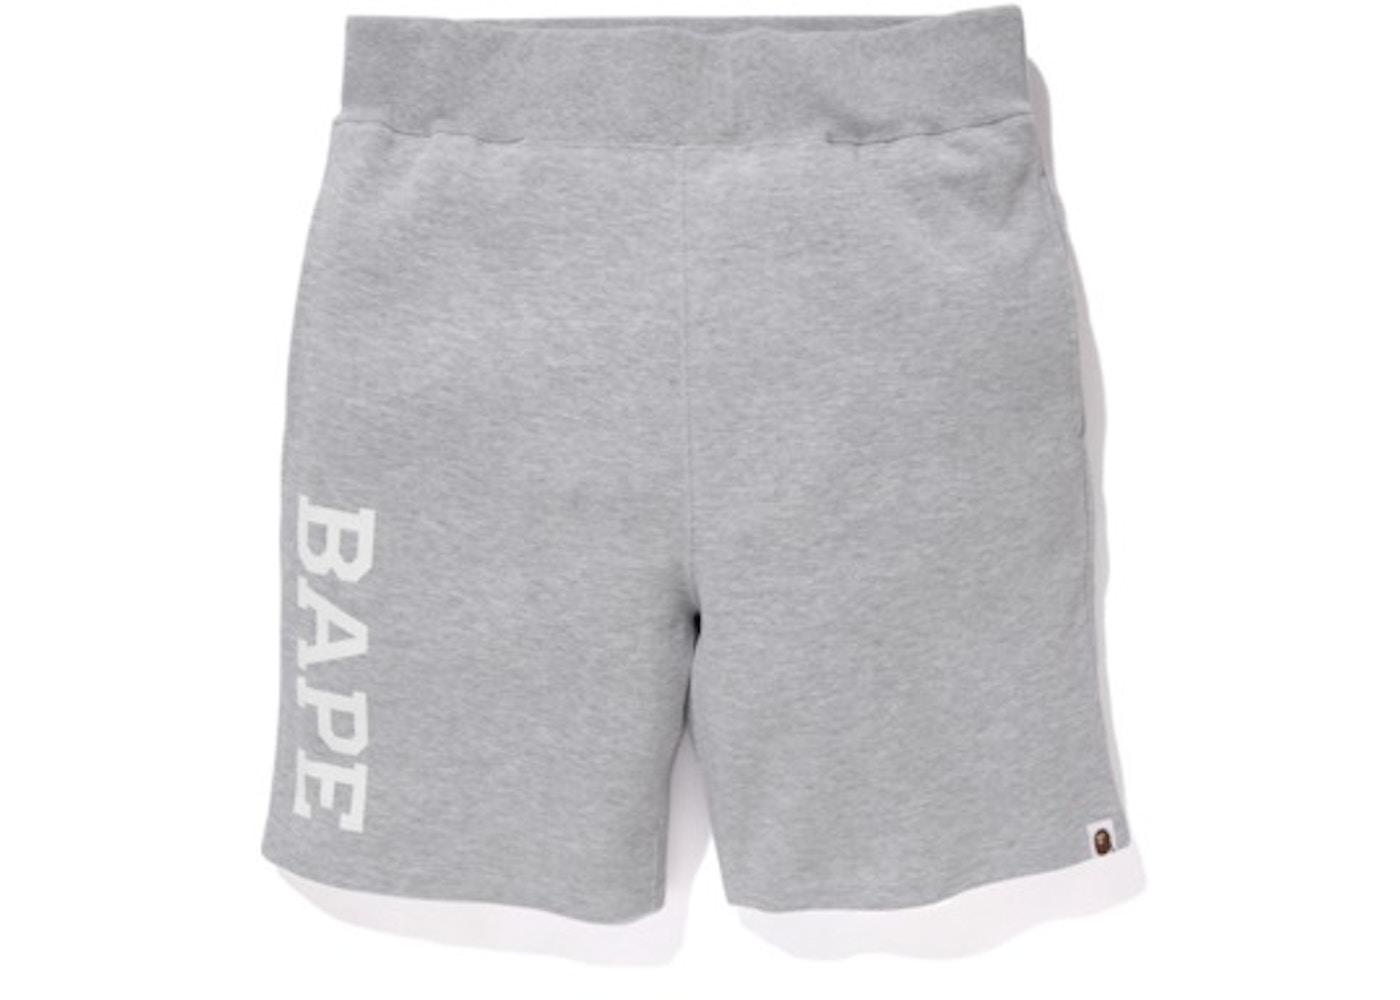 63e81ef0 Buy & Sell Bape Streetwear